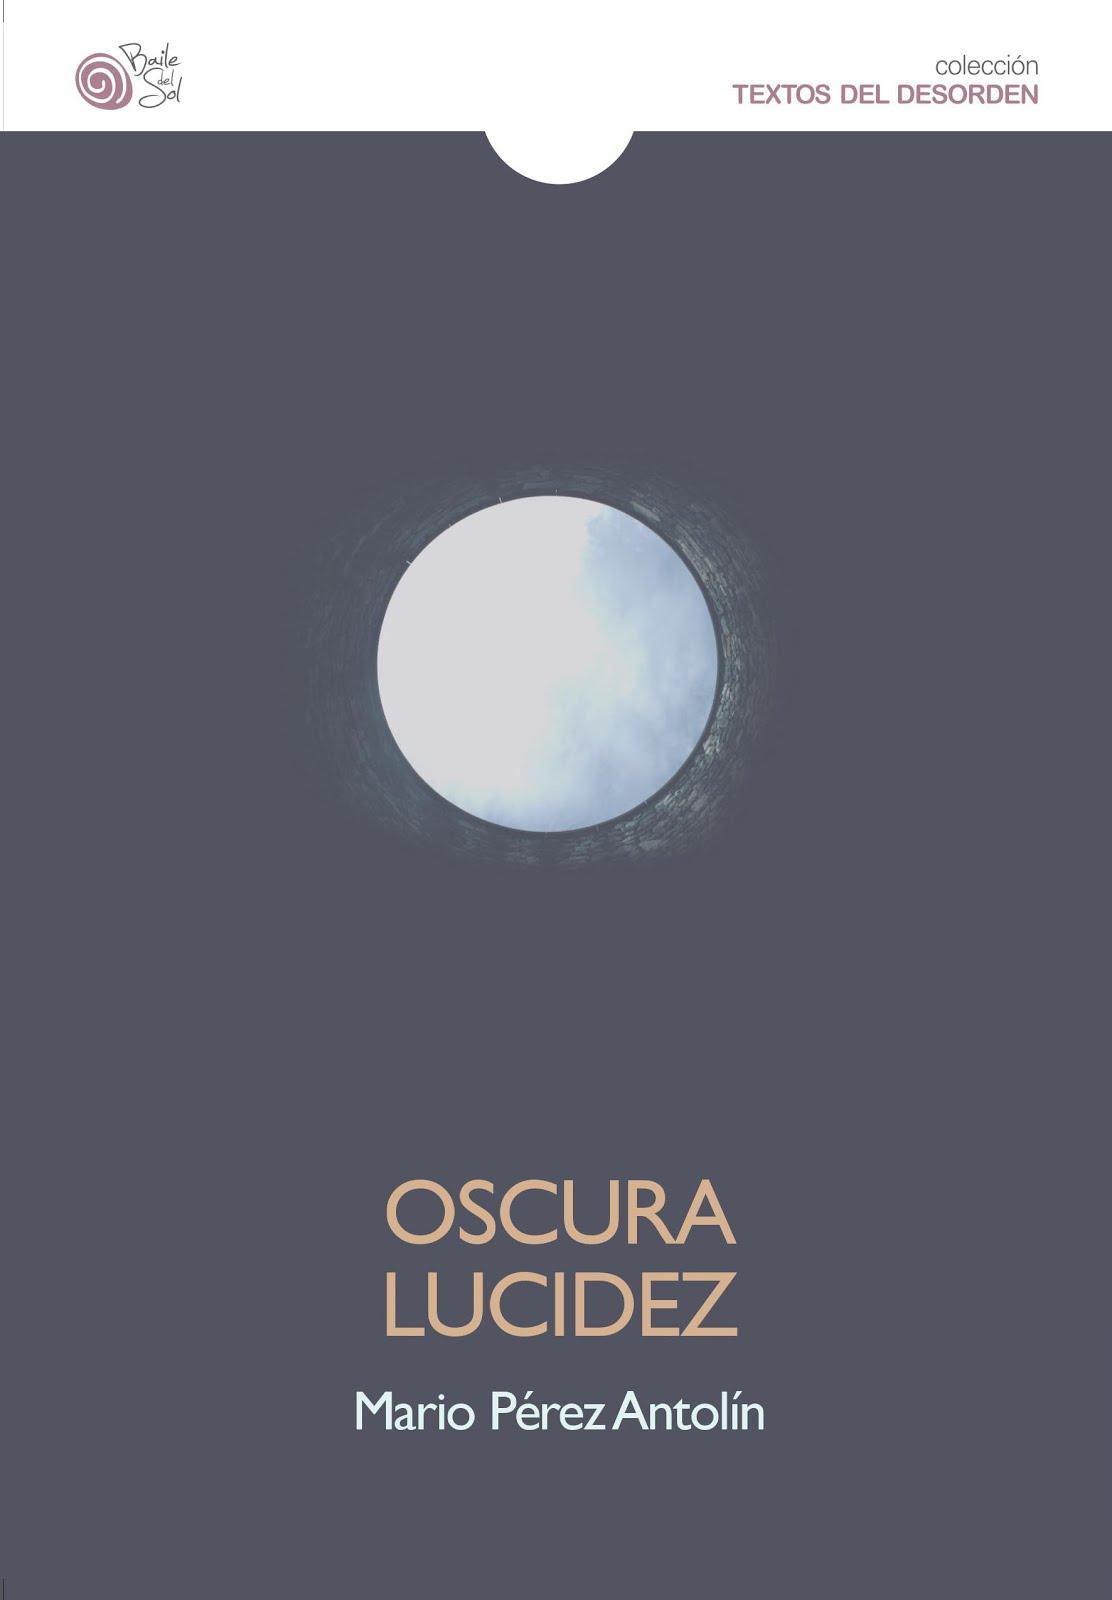 OSCURA LUCIDEZ